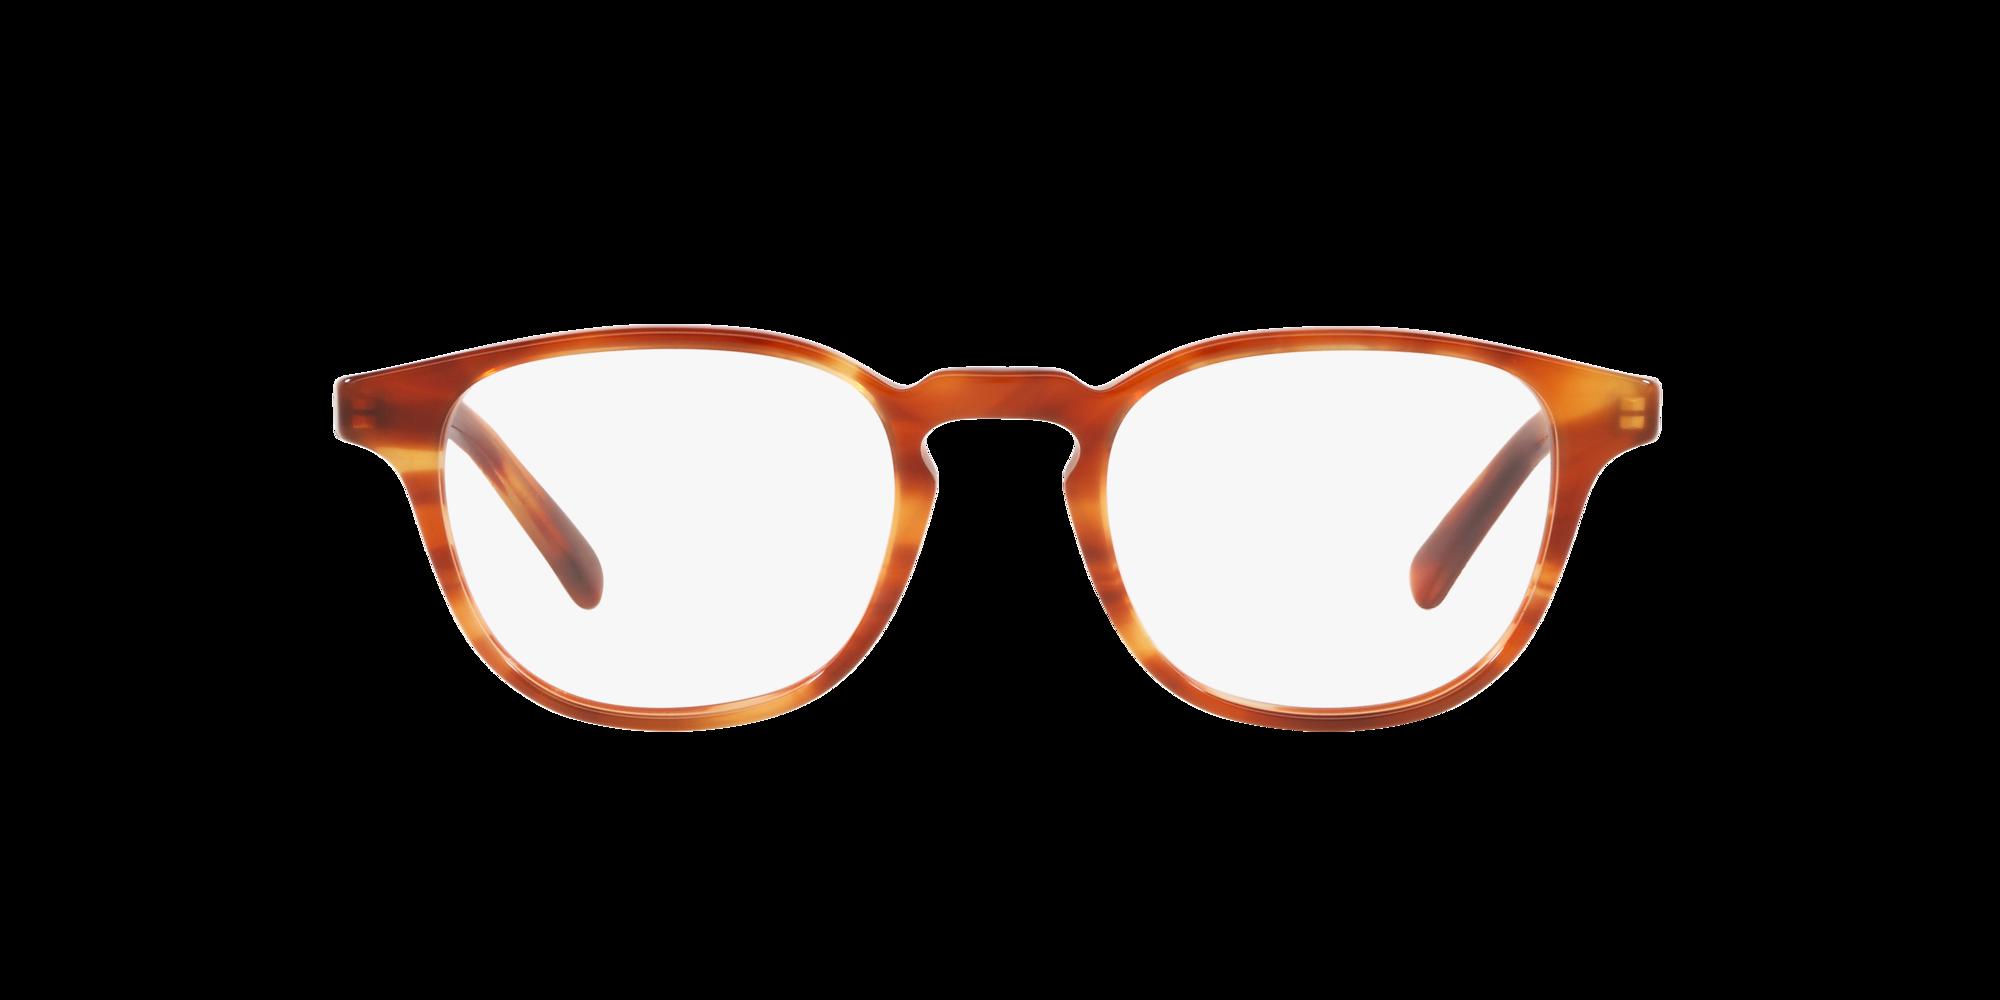 Imagen para EC2004 de LensCrafters |  Espejuelos, espejuelos graduados en línea, gafas